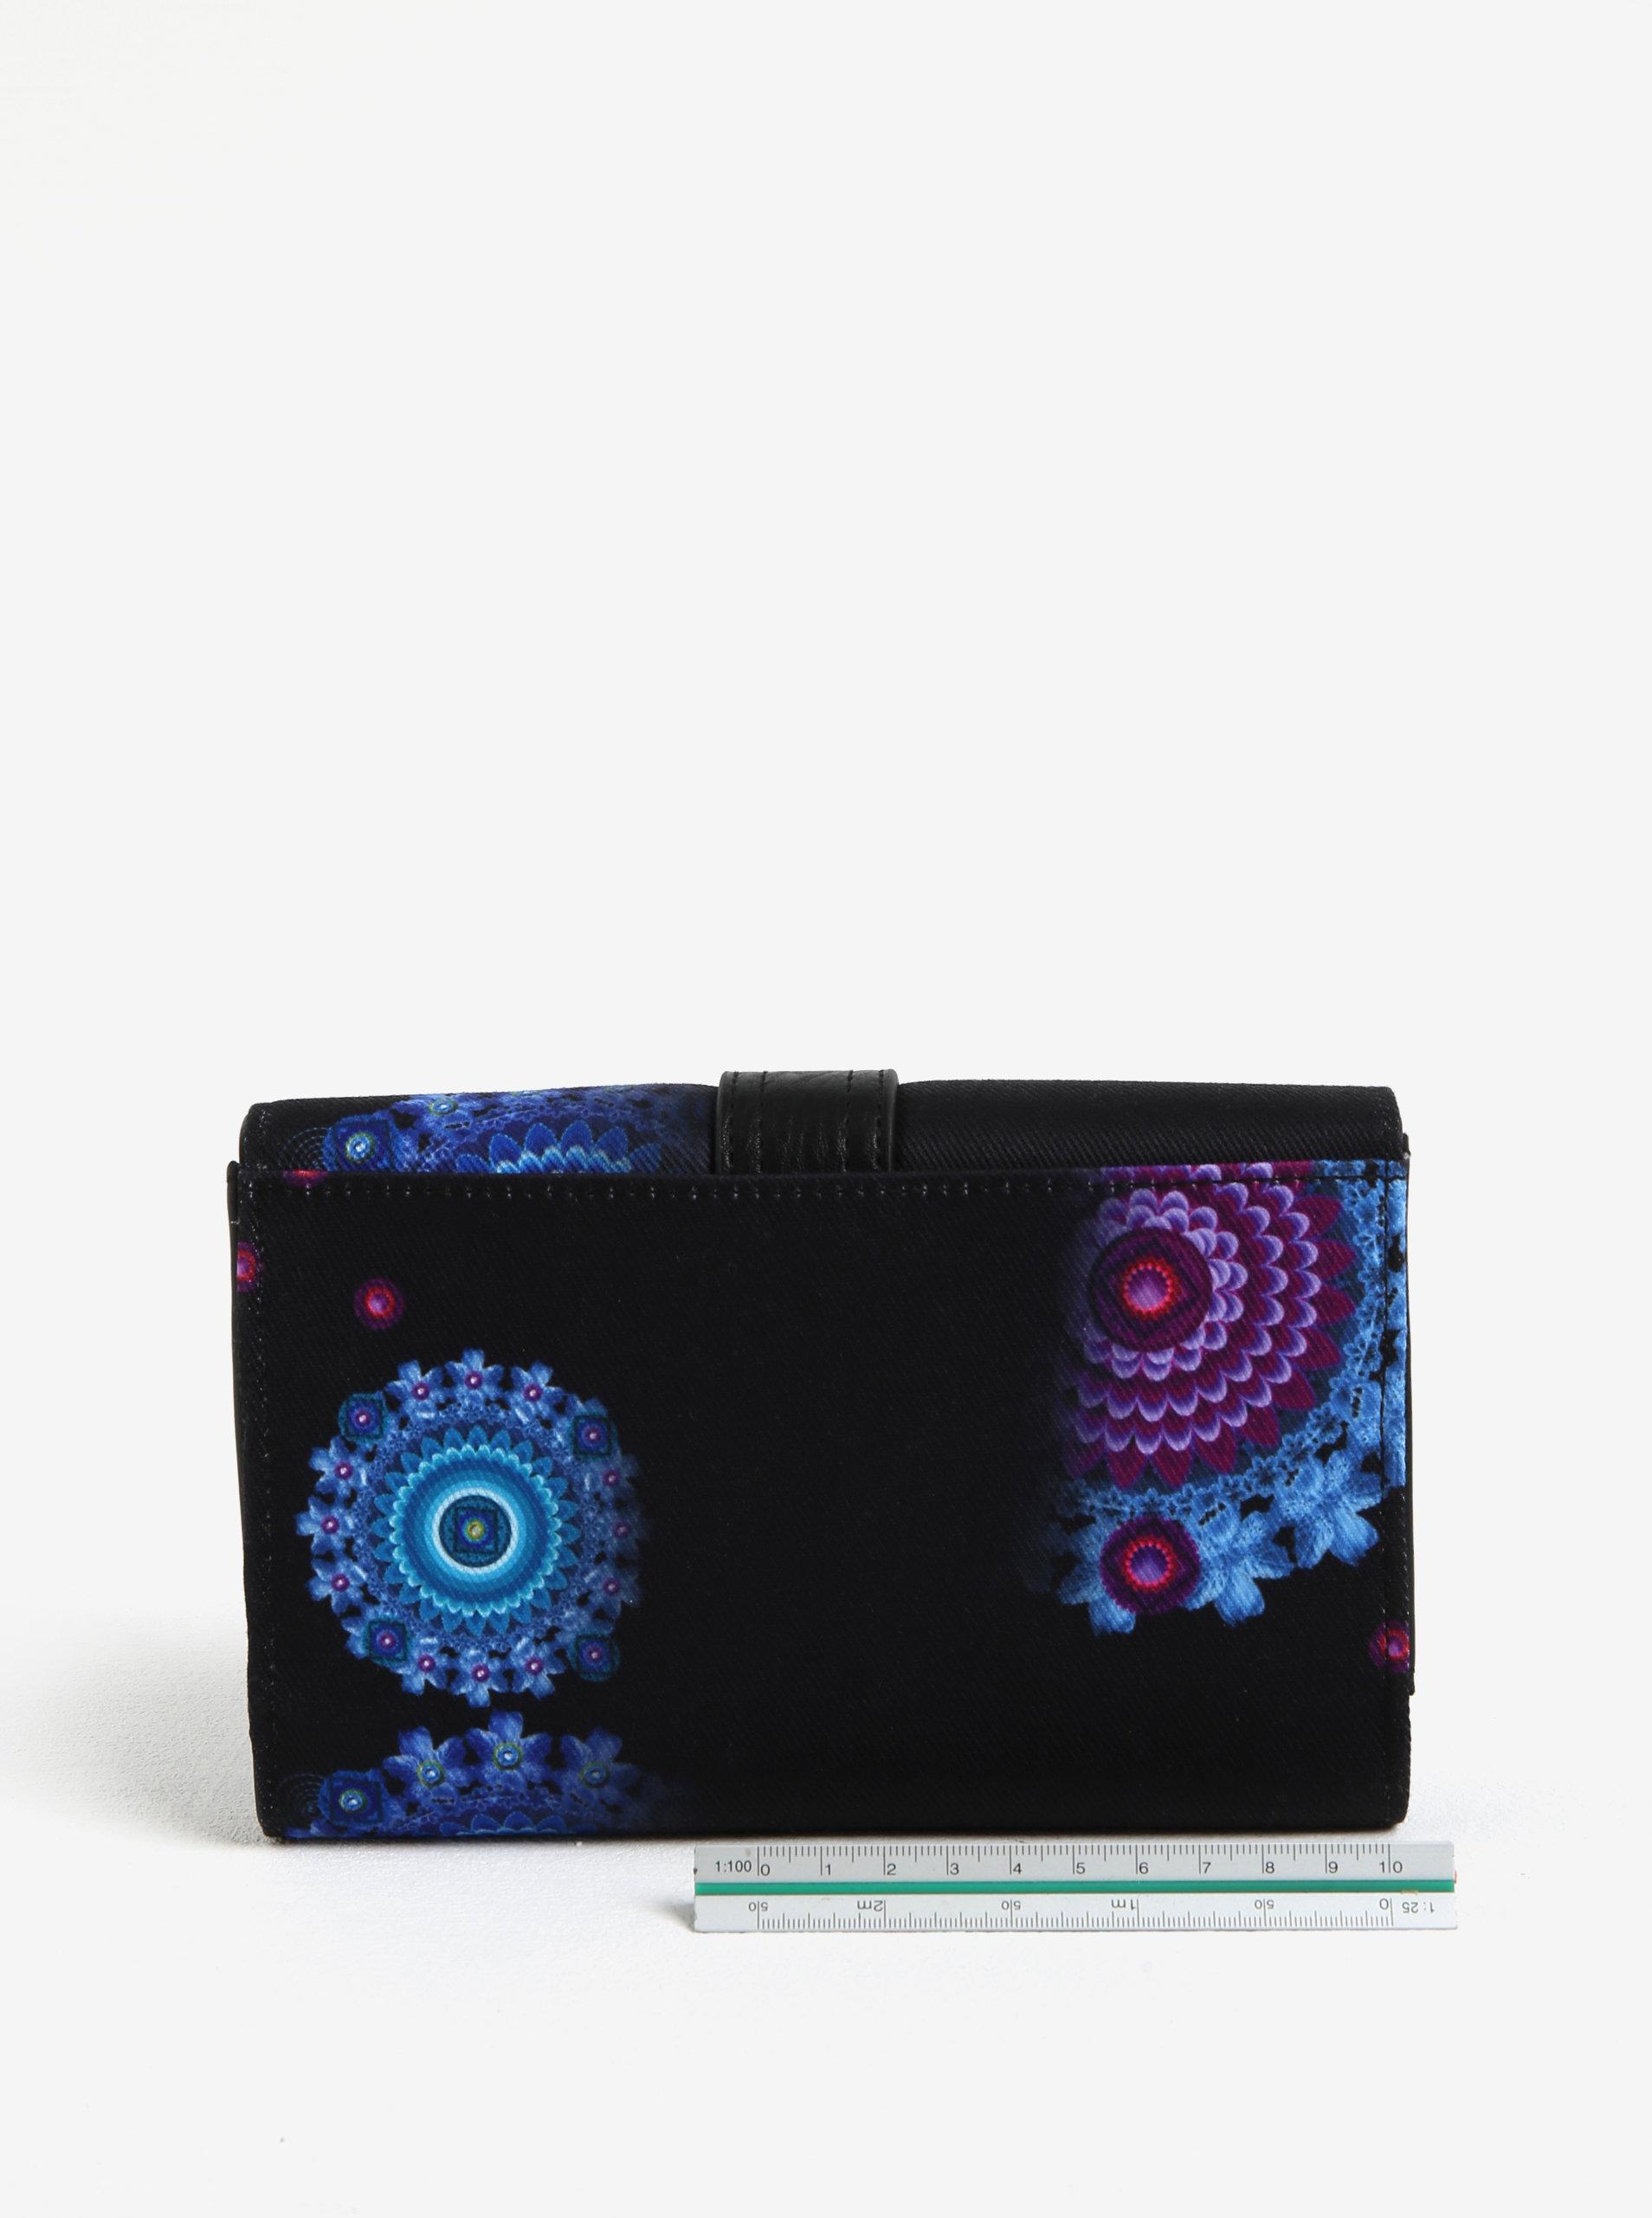 1acf75e354 Čierna veľká peňaženka s ornamentmi Desigual Bollywood Lengüeta ...